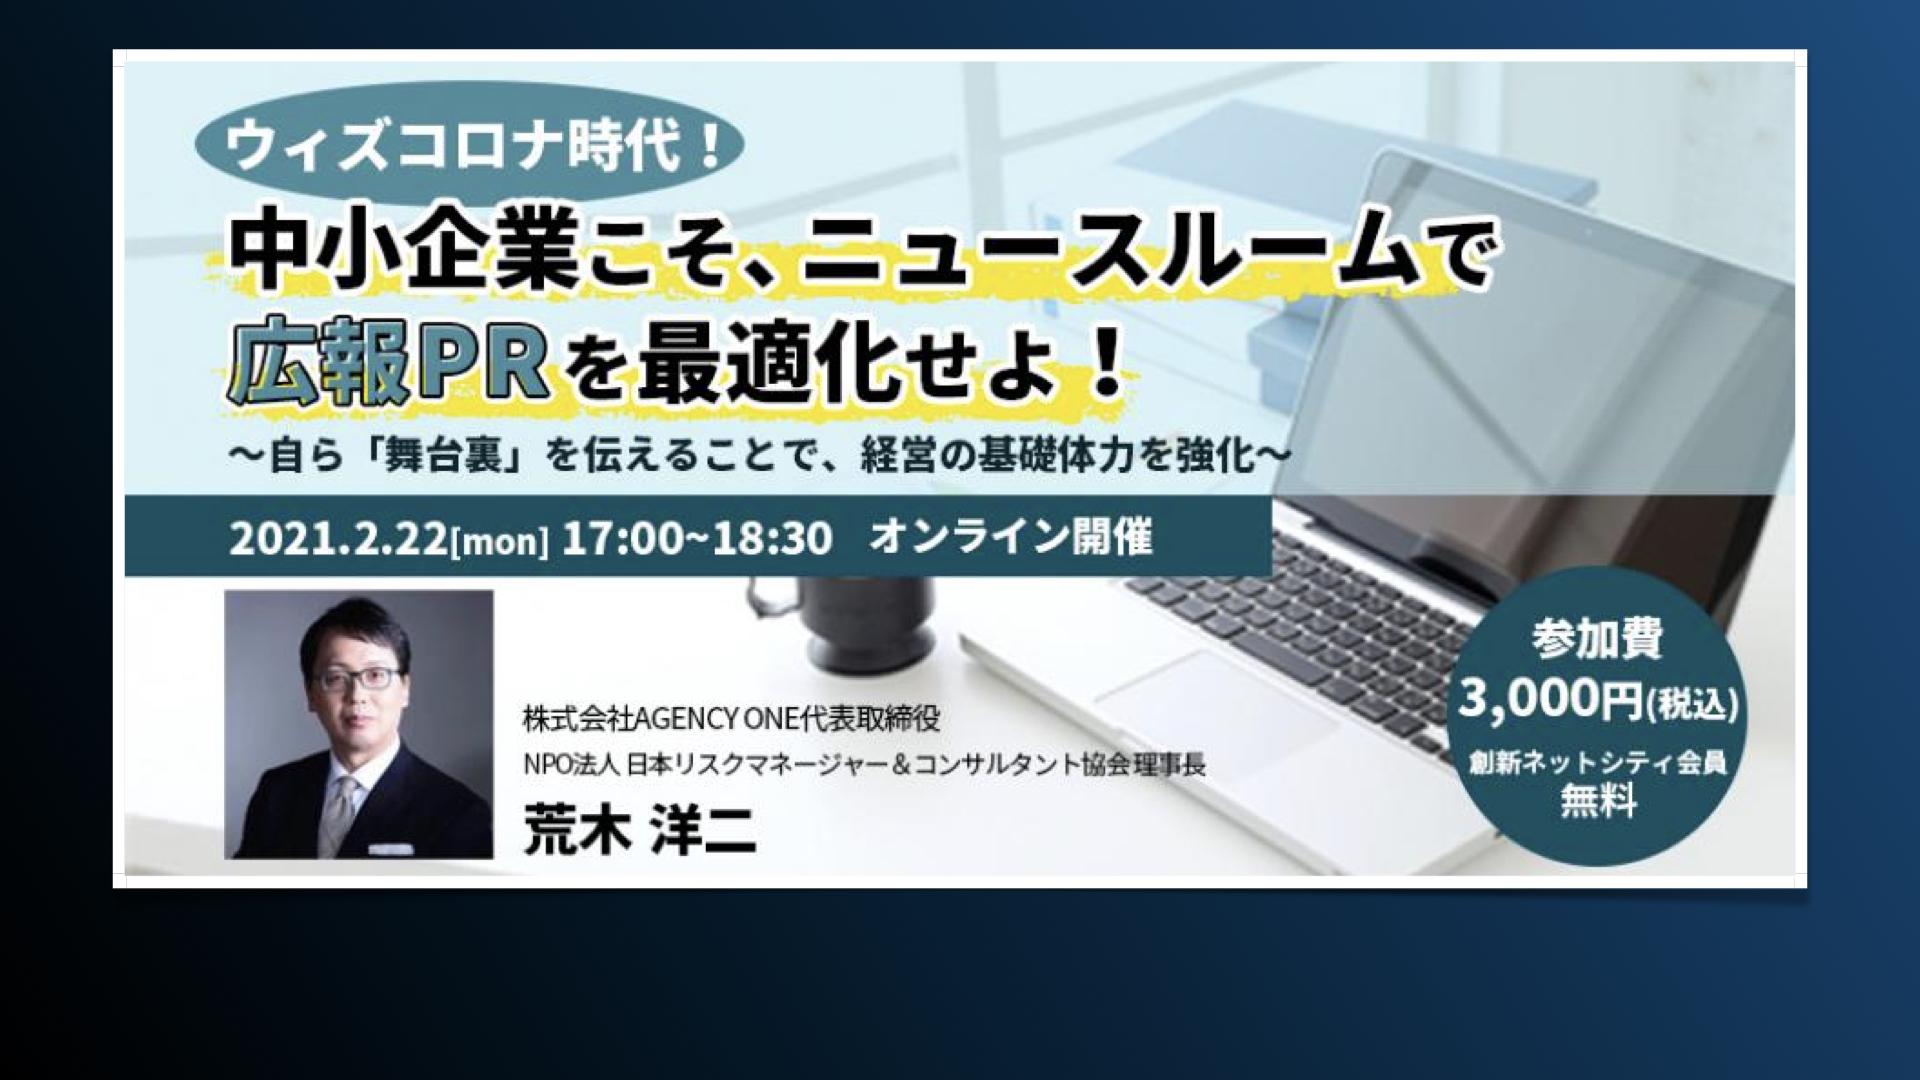 2月22日(月)、創新基本セミナーで当社代表・荒木 洋二が講師として登壇